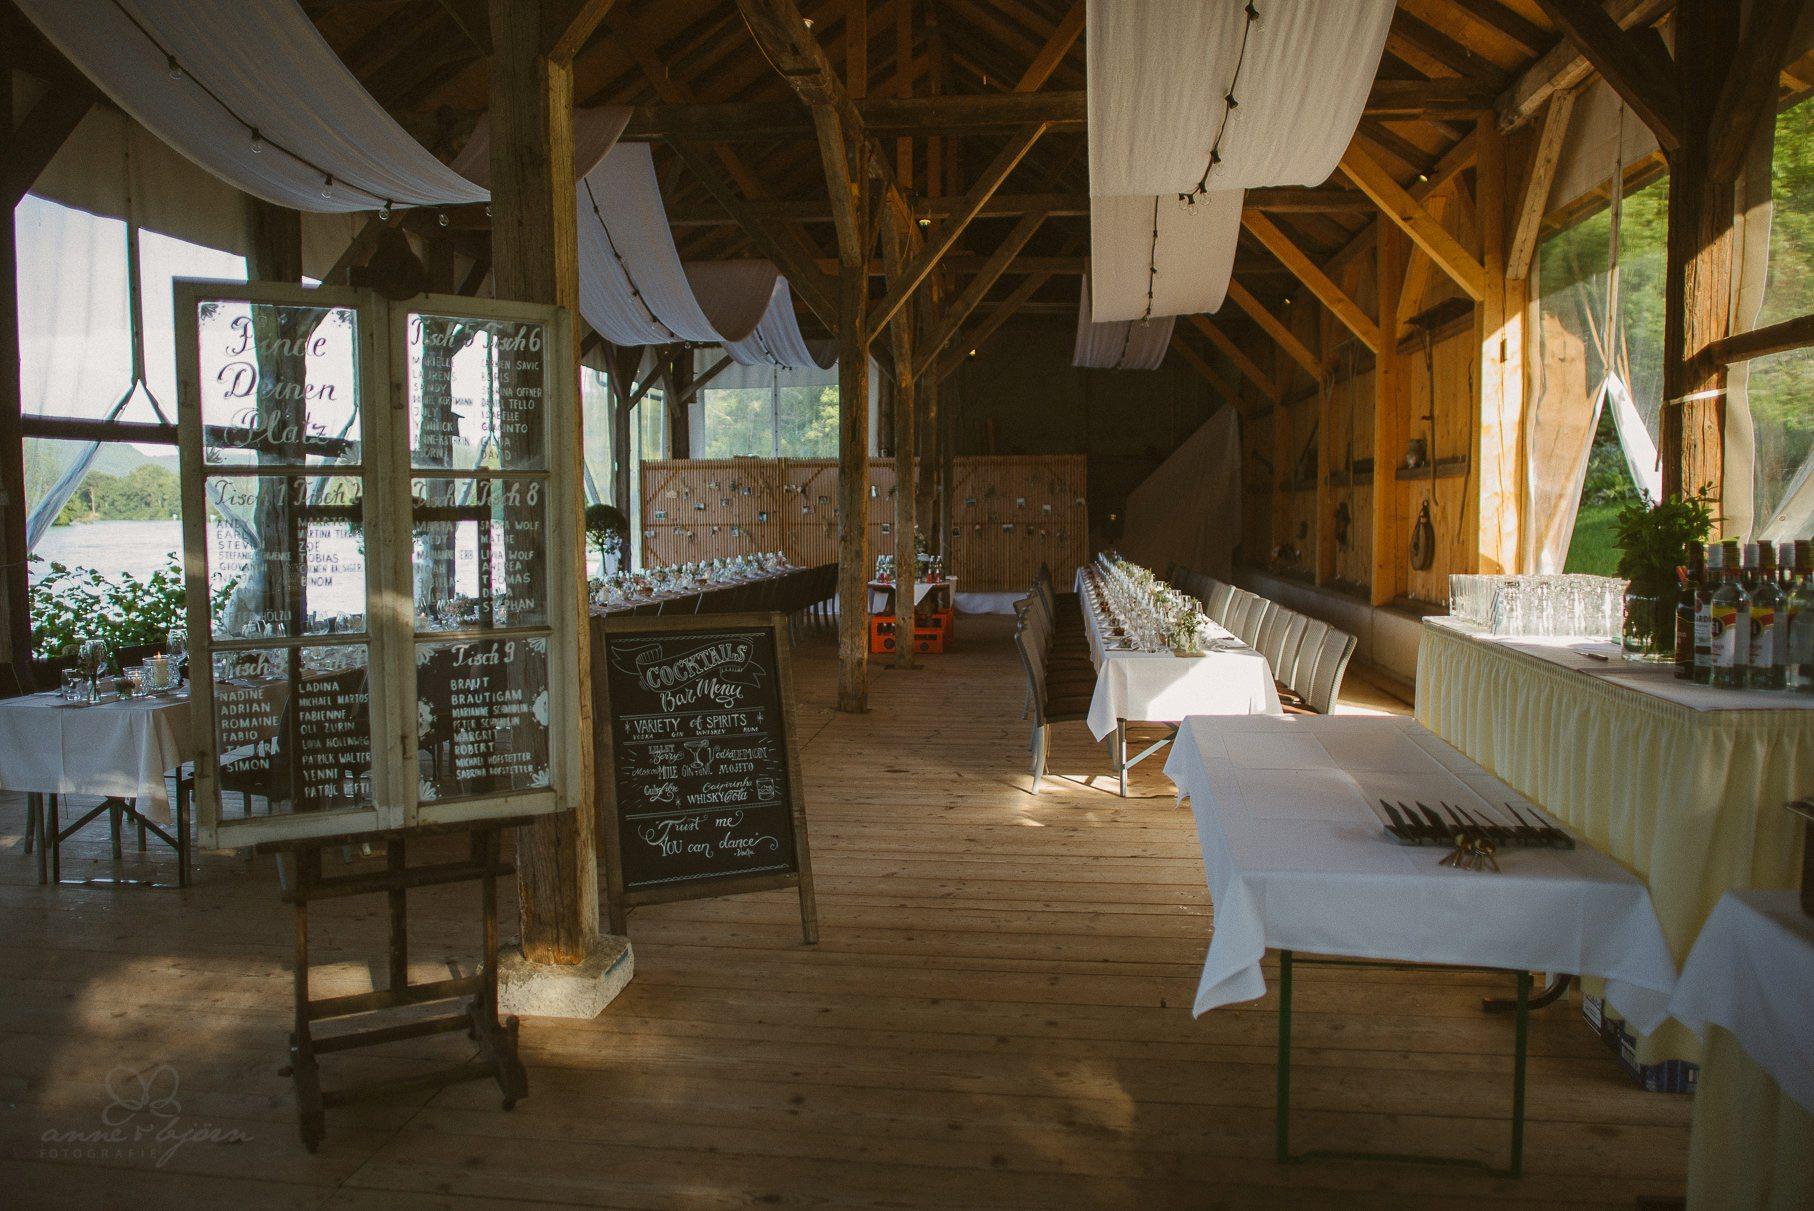 0109 anne und bjoern hochzeit schweiz d75 1624 - DIY Hochzeit in der Schweiz - Sabrina & Christoph